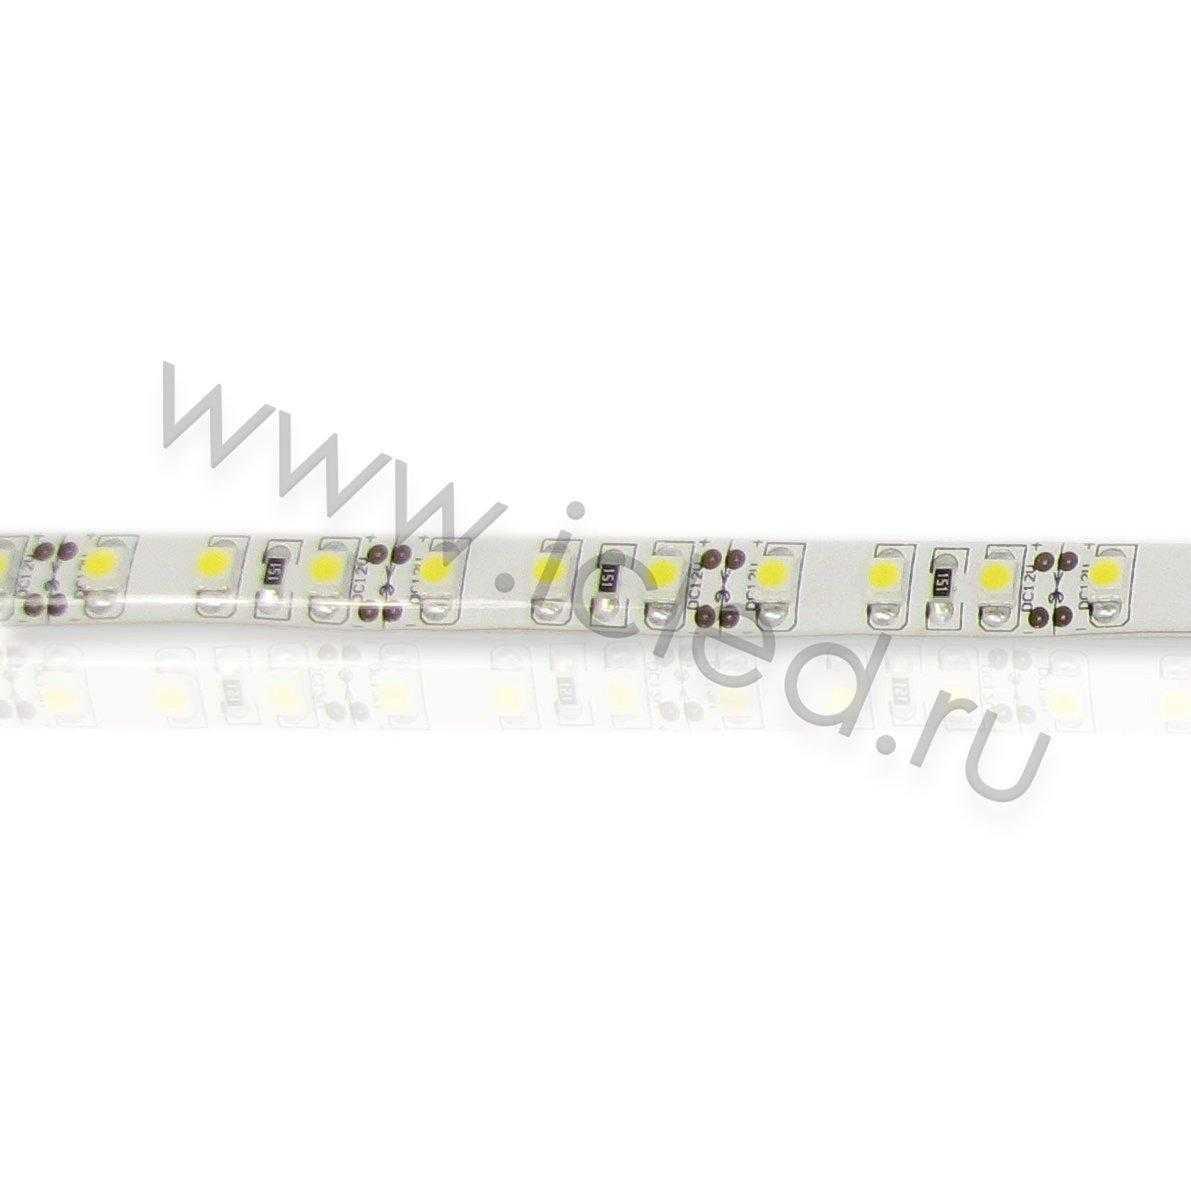 Светодиодная лента Class A, 3528, 120led/m, Warm White, 12V, IP65